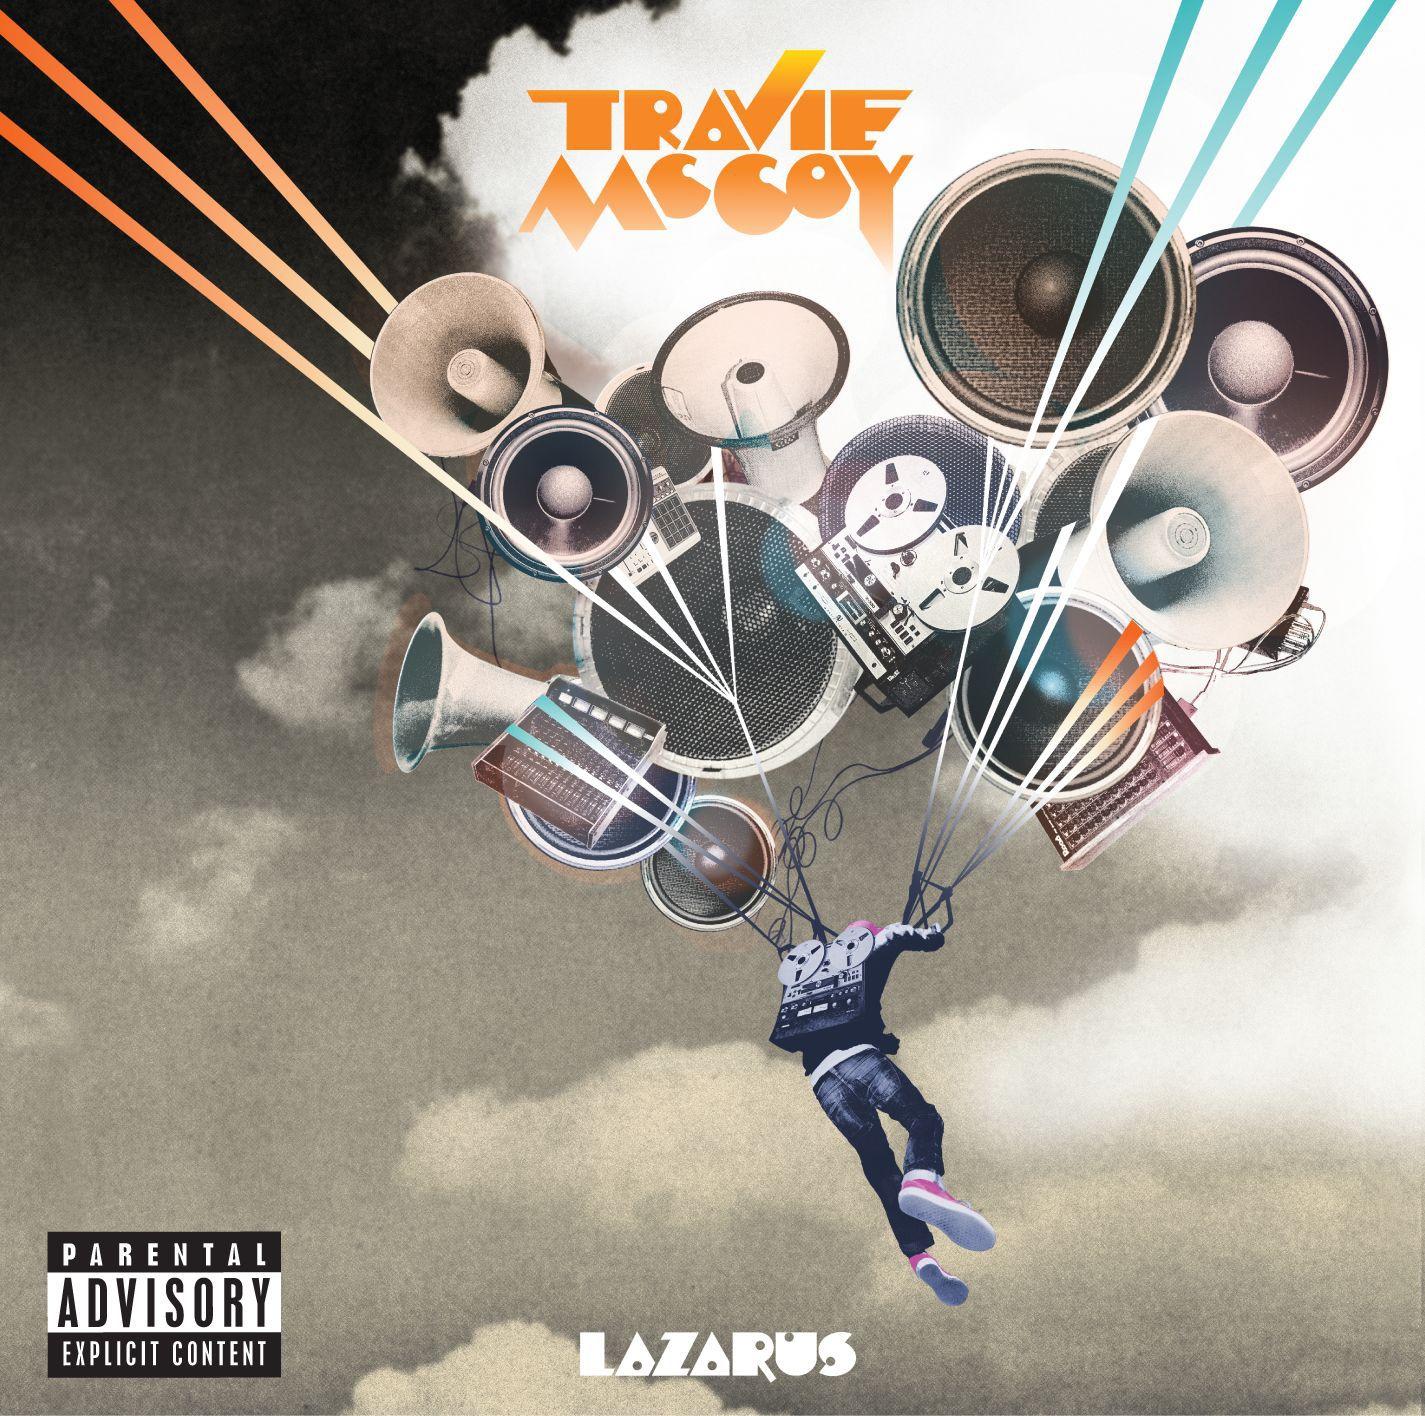 Travie McCoy - Lazarus album cover